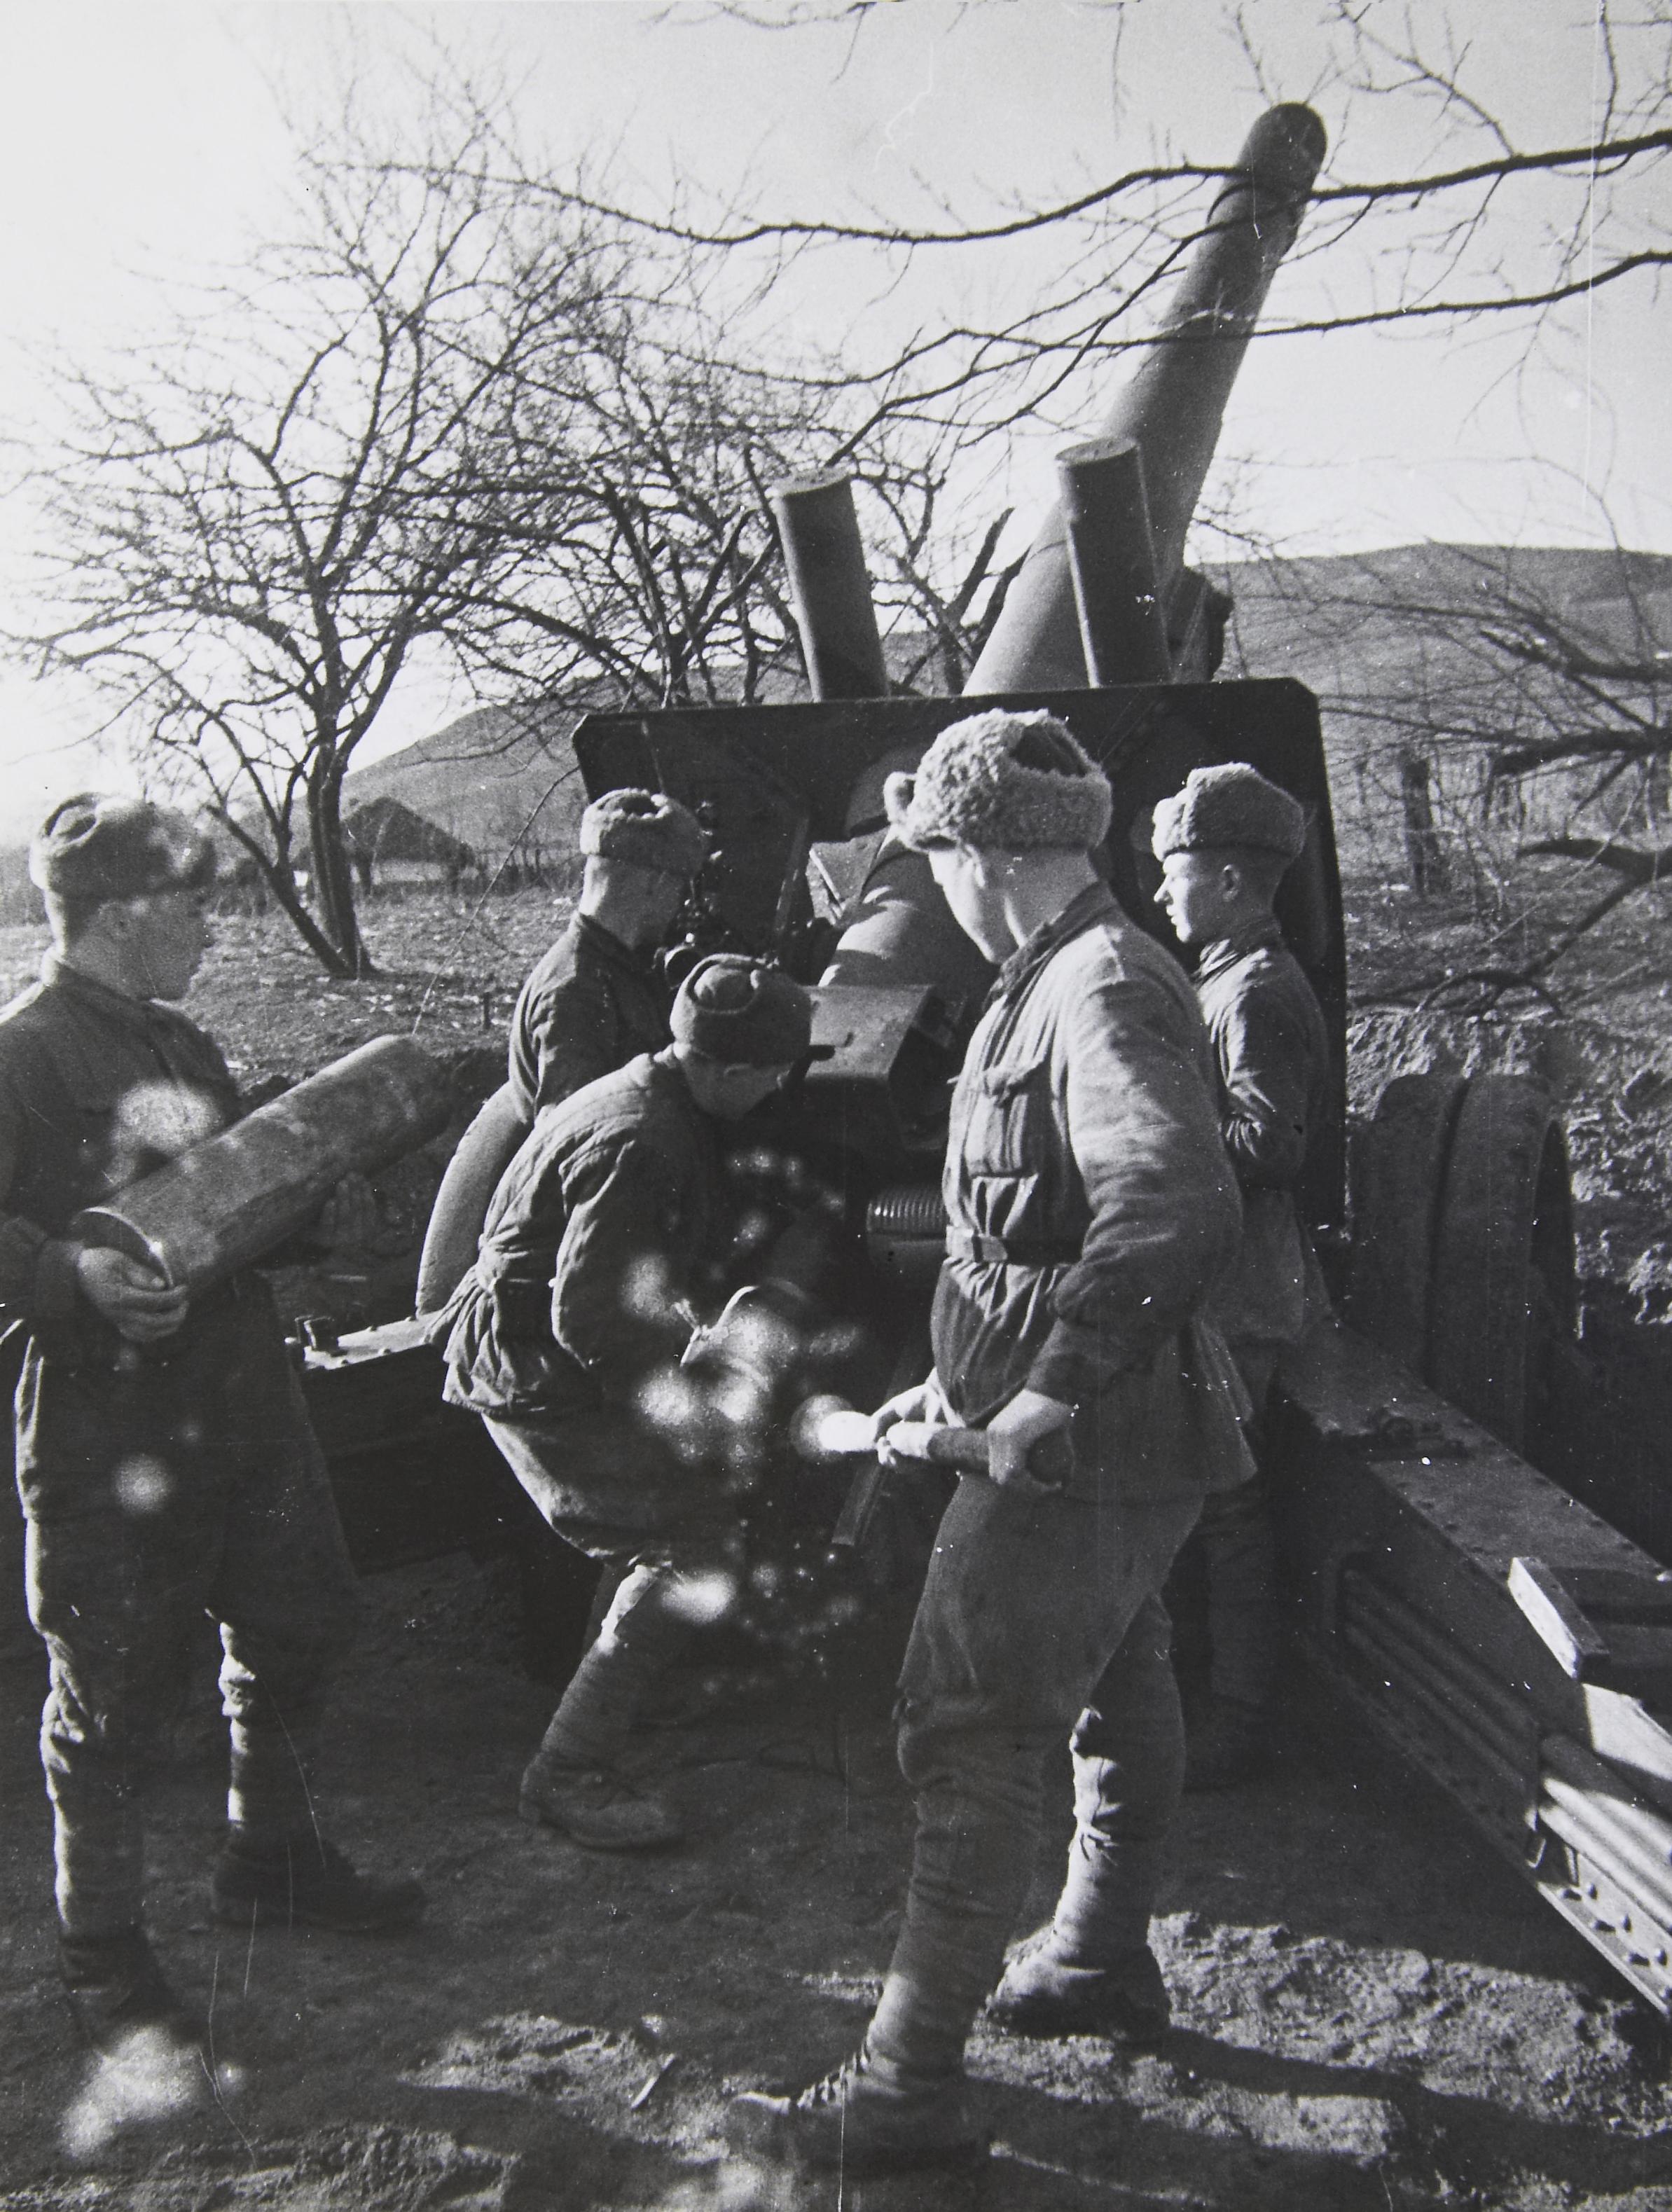 Артиллеристы ведут огонь из 152-мм гаубицы (мп-20) в ходе Берлинской операции.